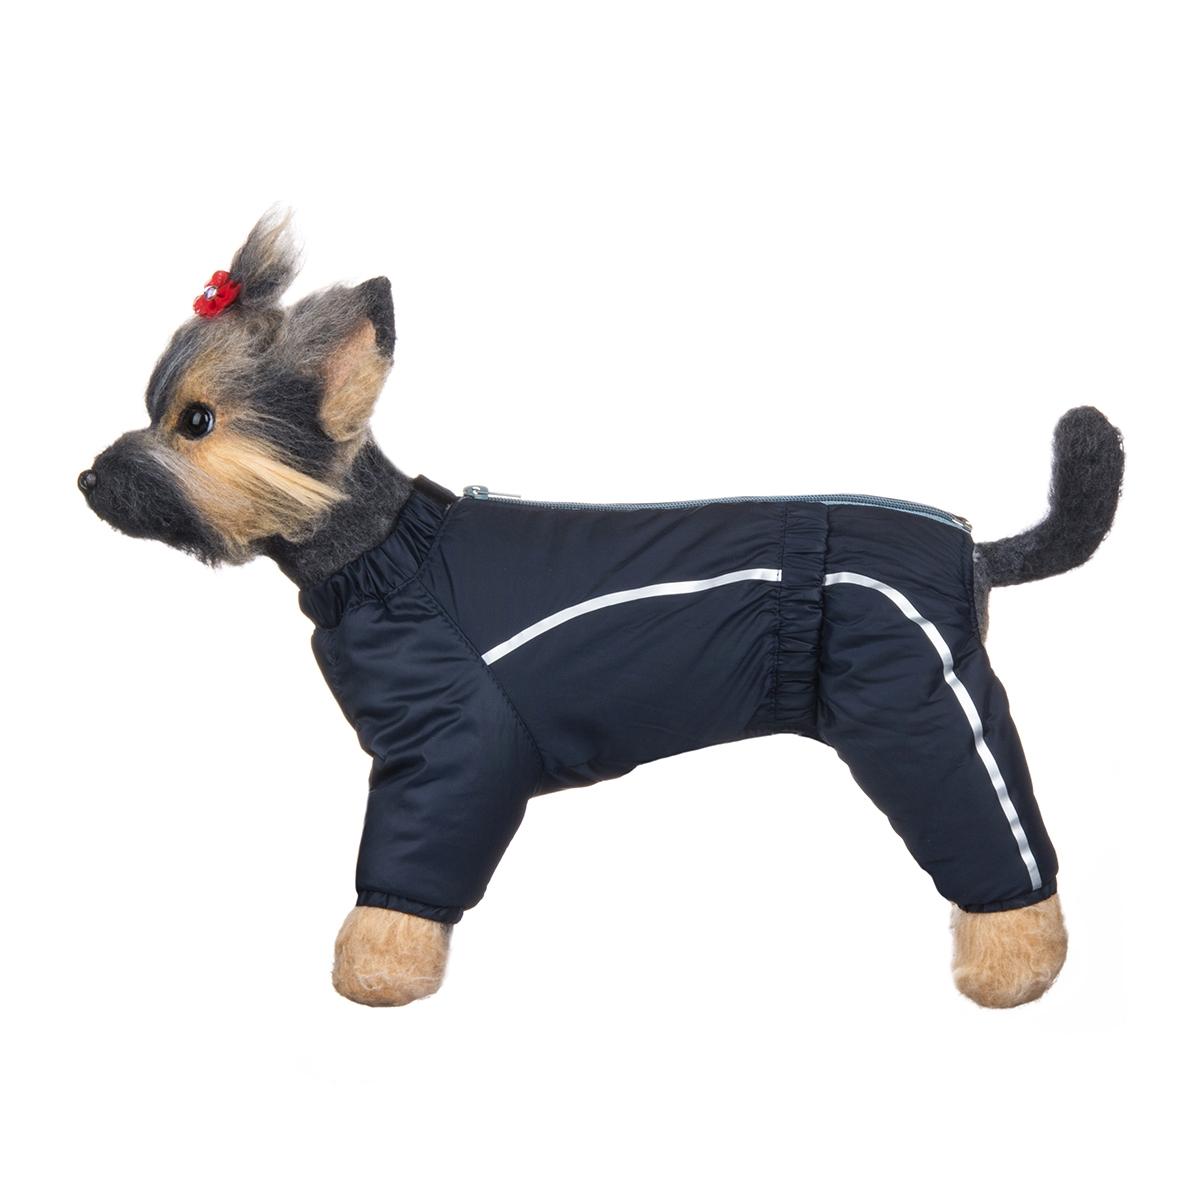 Комбинезон для собак Dogmoda Альпы, зимний, для мальчика, цвет: синий, светло-серый. Размер 1 (S) комбинезоны для животных dogmoda комбинезон doggs active 70 сука